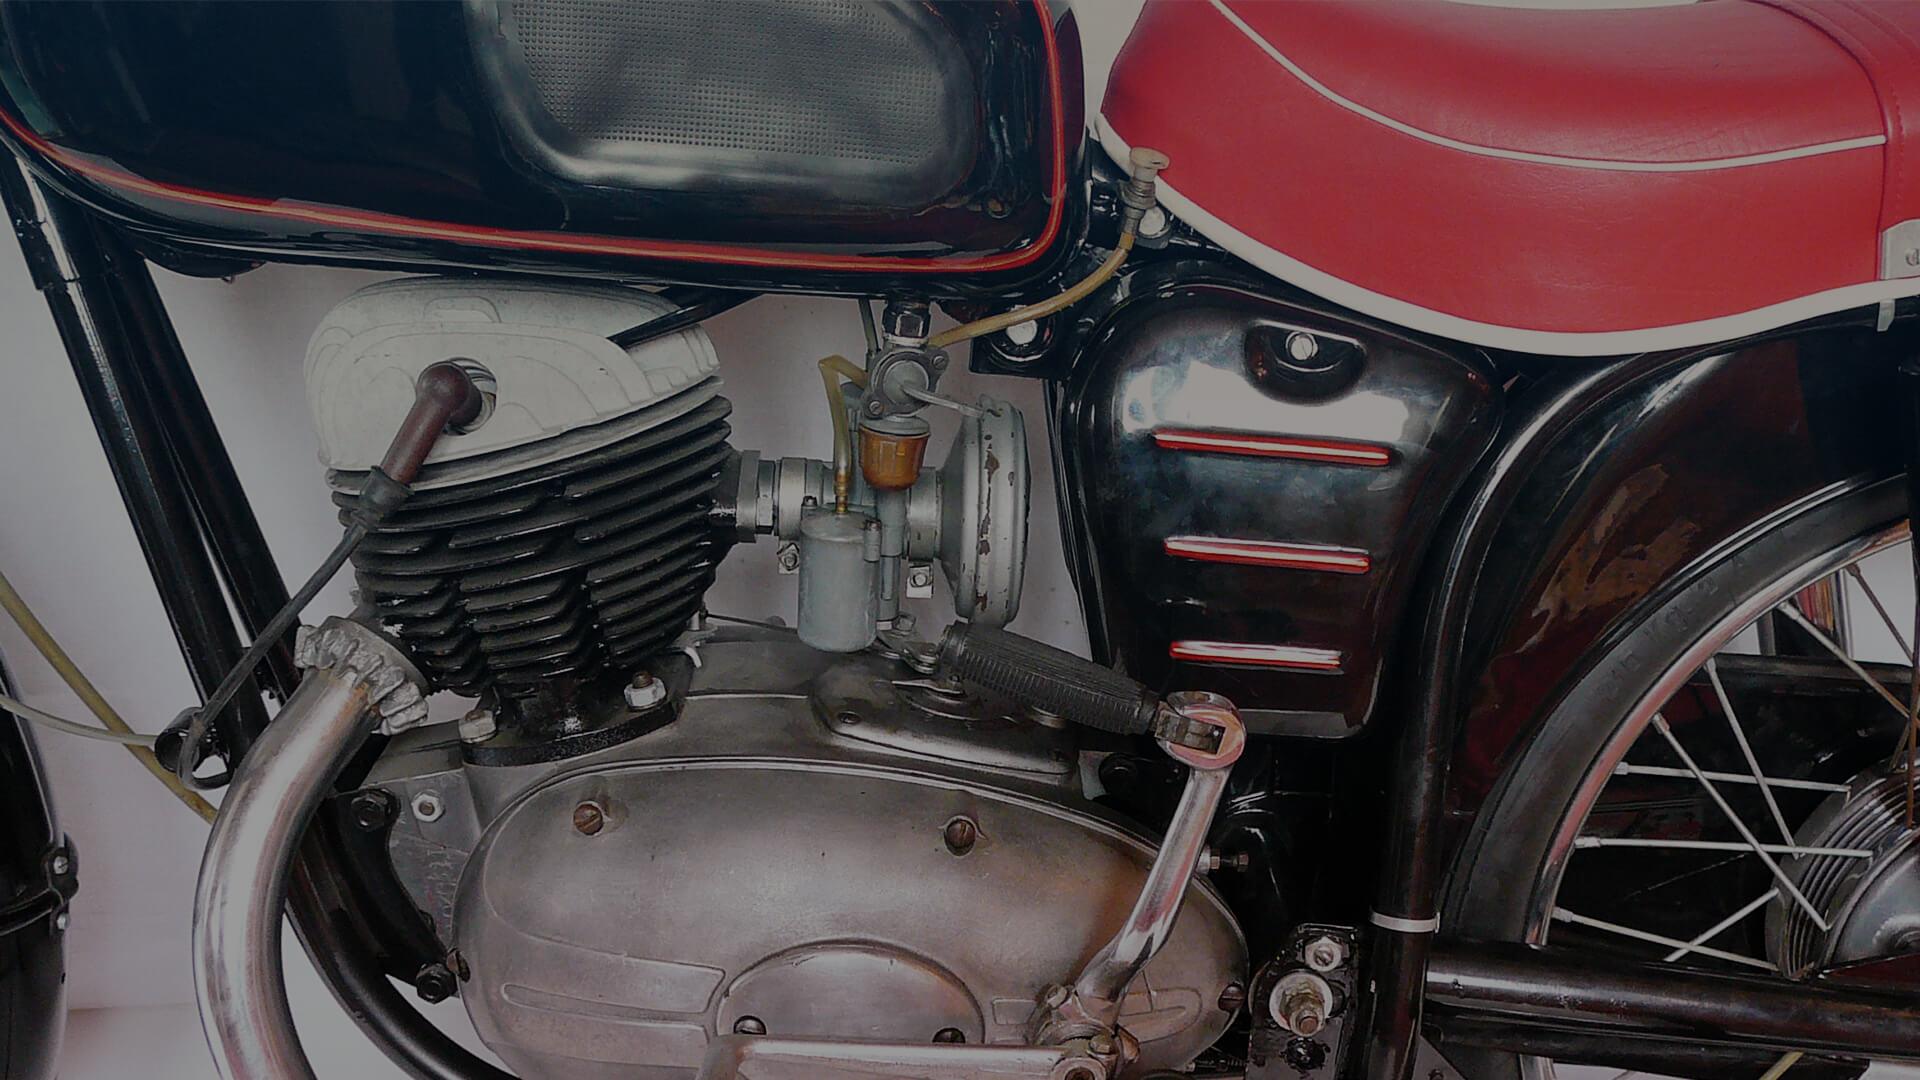 PANNONIA T5, 247 cc, 1968